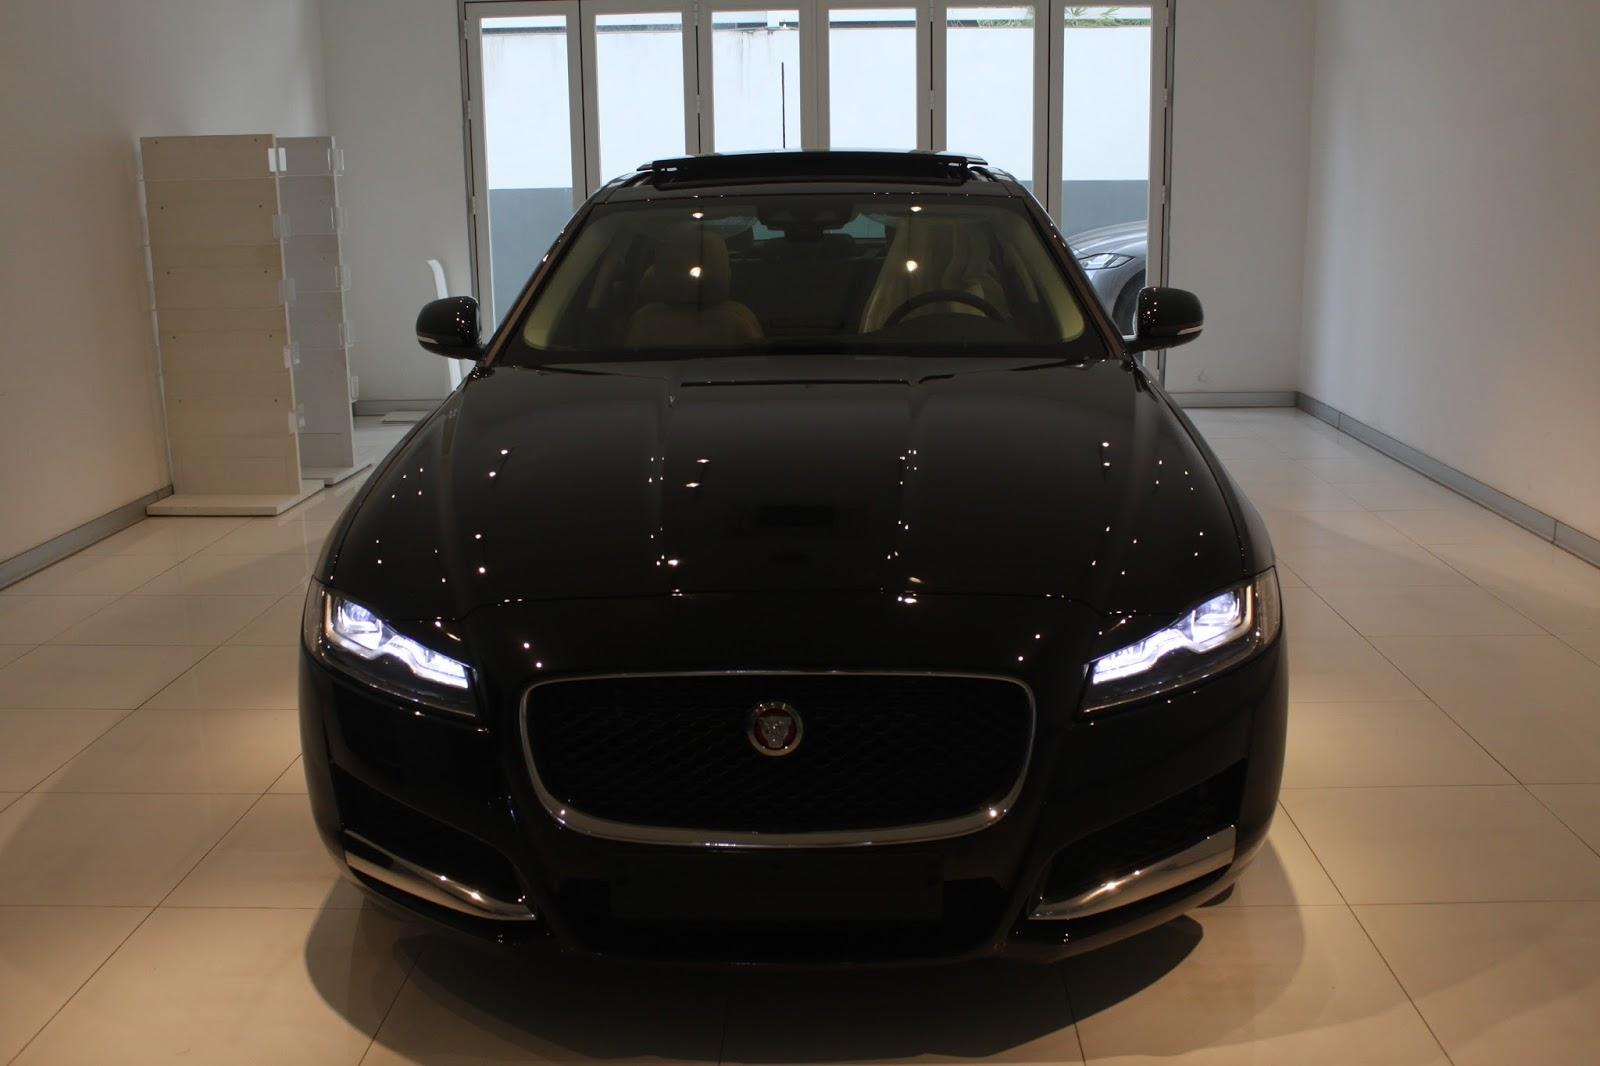 Đầu xe jaguar XF nhìn từ trước vào rất hầm hố như chú báo đang chuẩn bị săn mồi